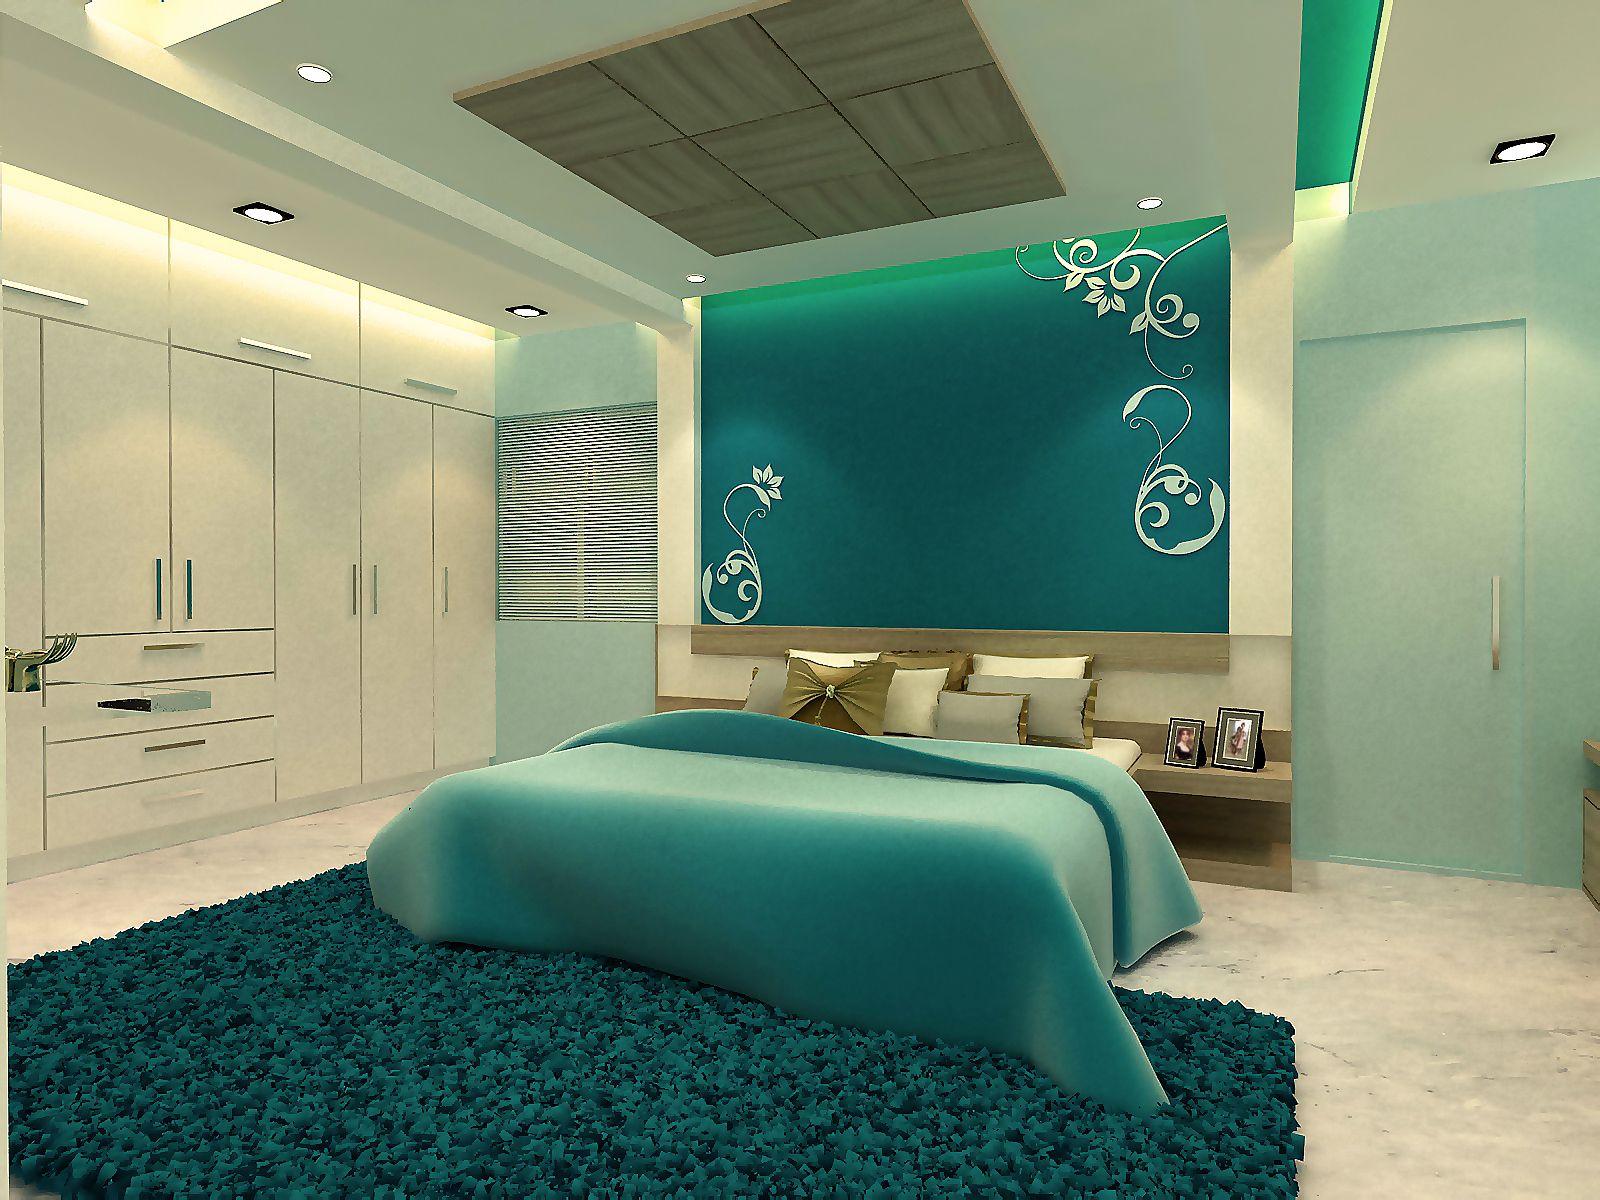 3d bedroom design free download 3d bedroom design games 3d for Free bedroom design software